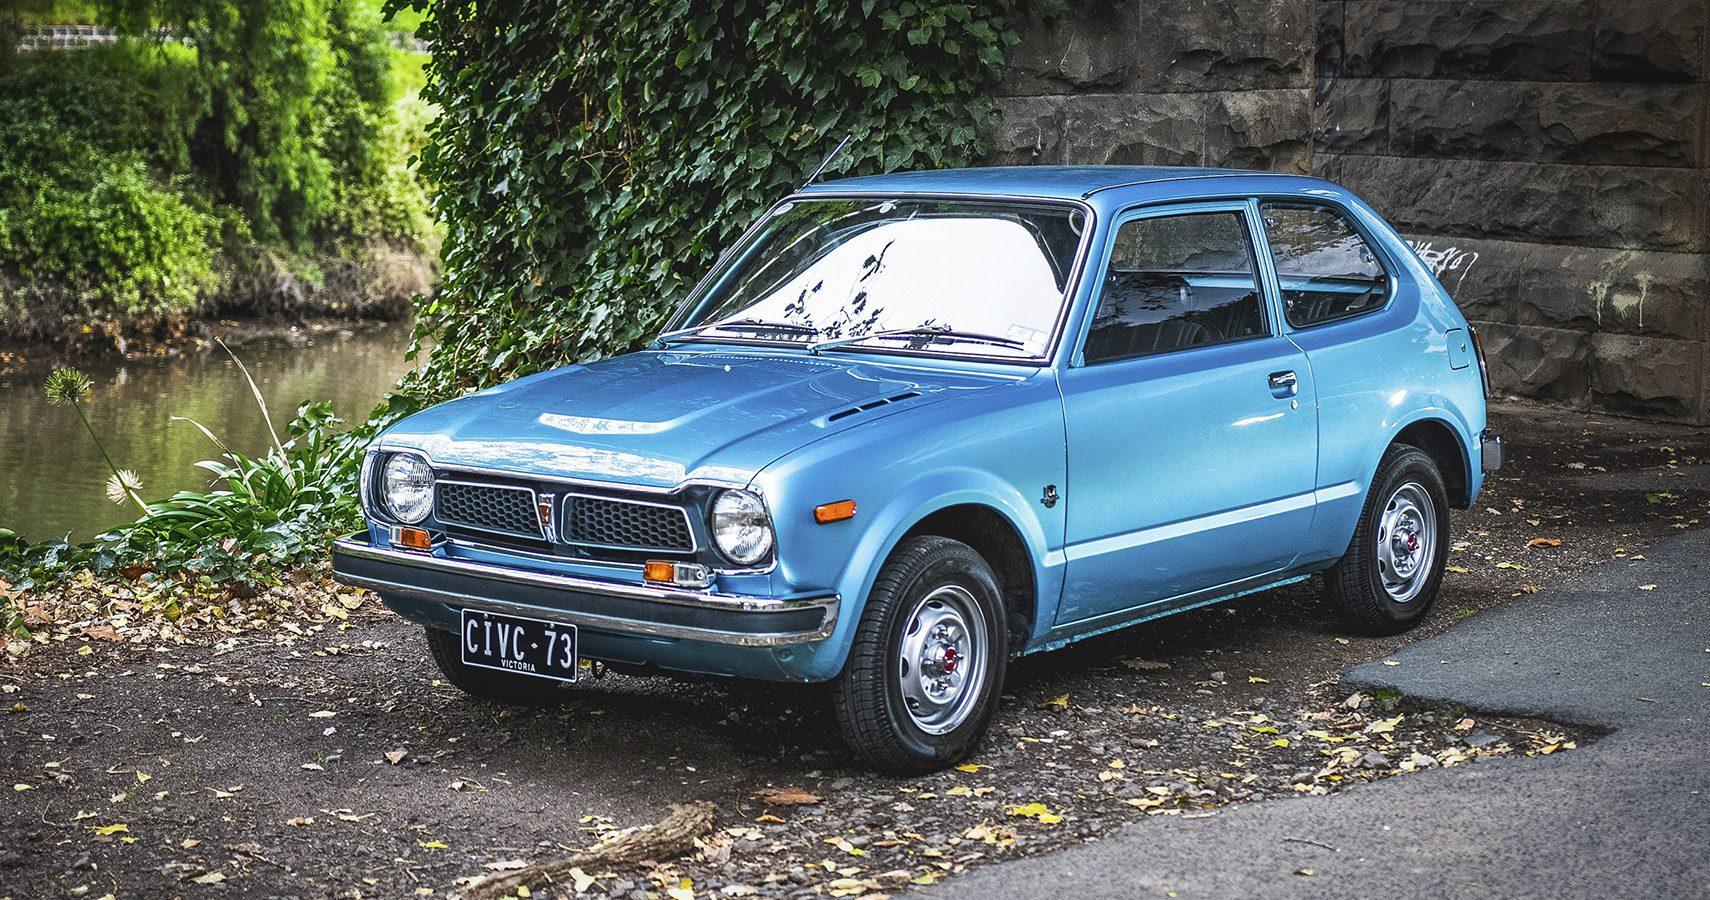 1970's Honda Civic